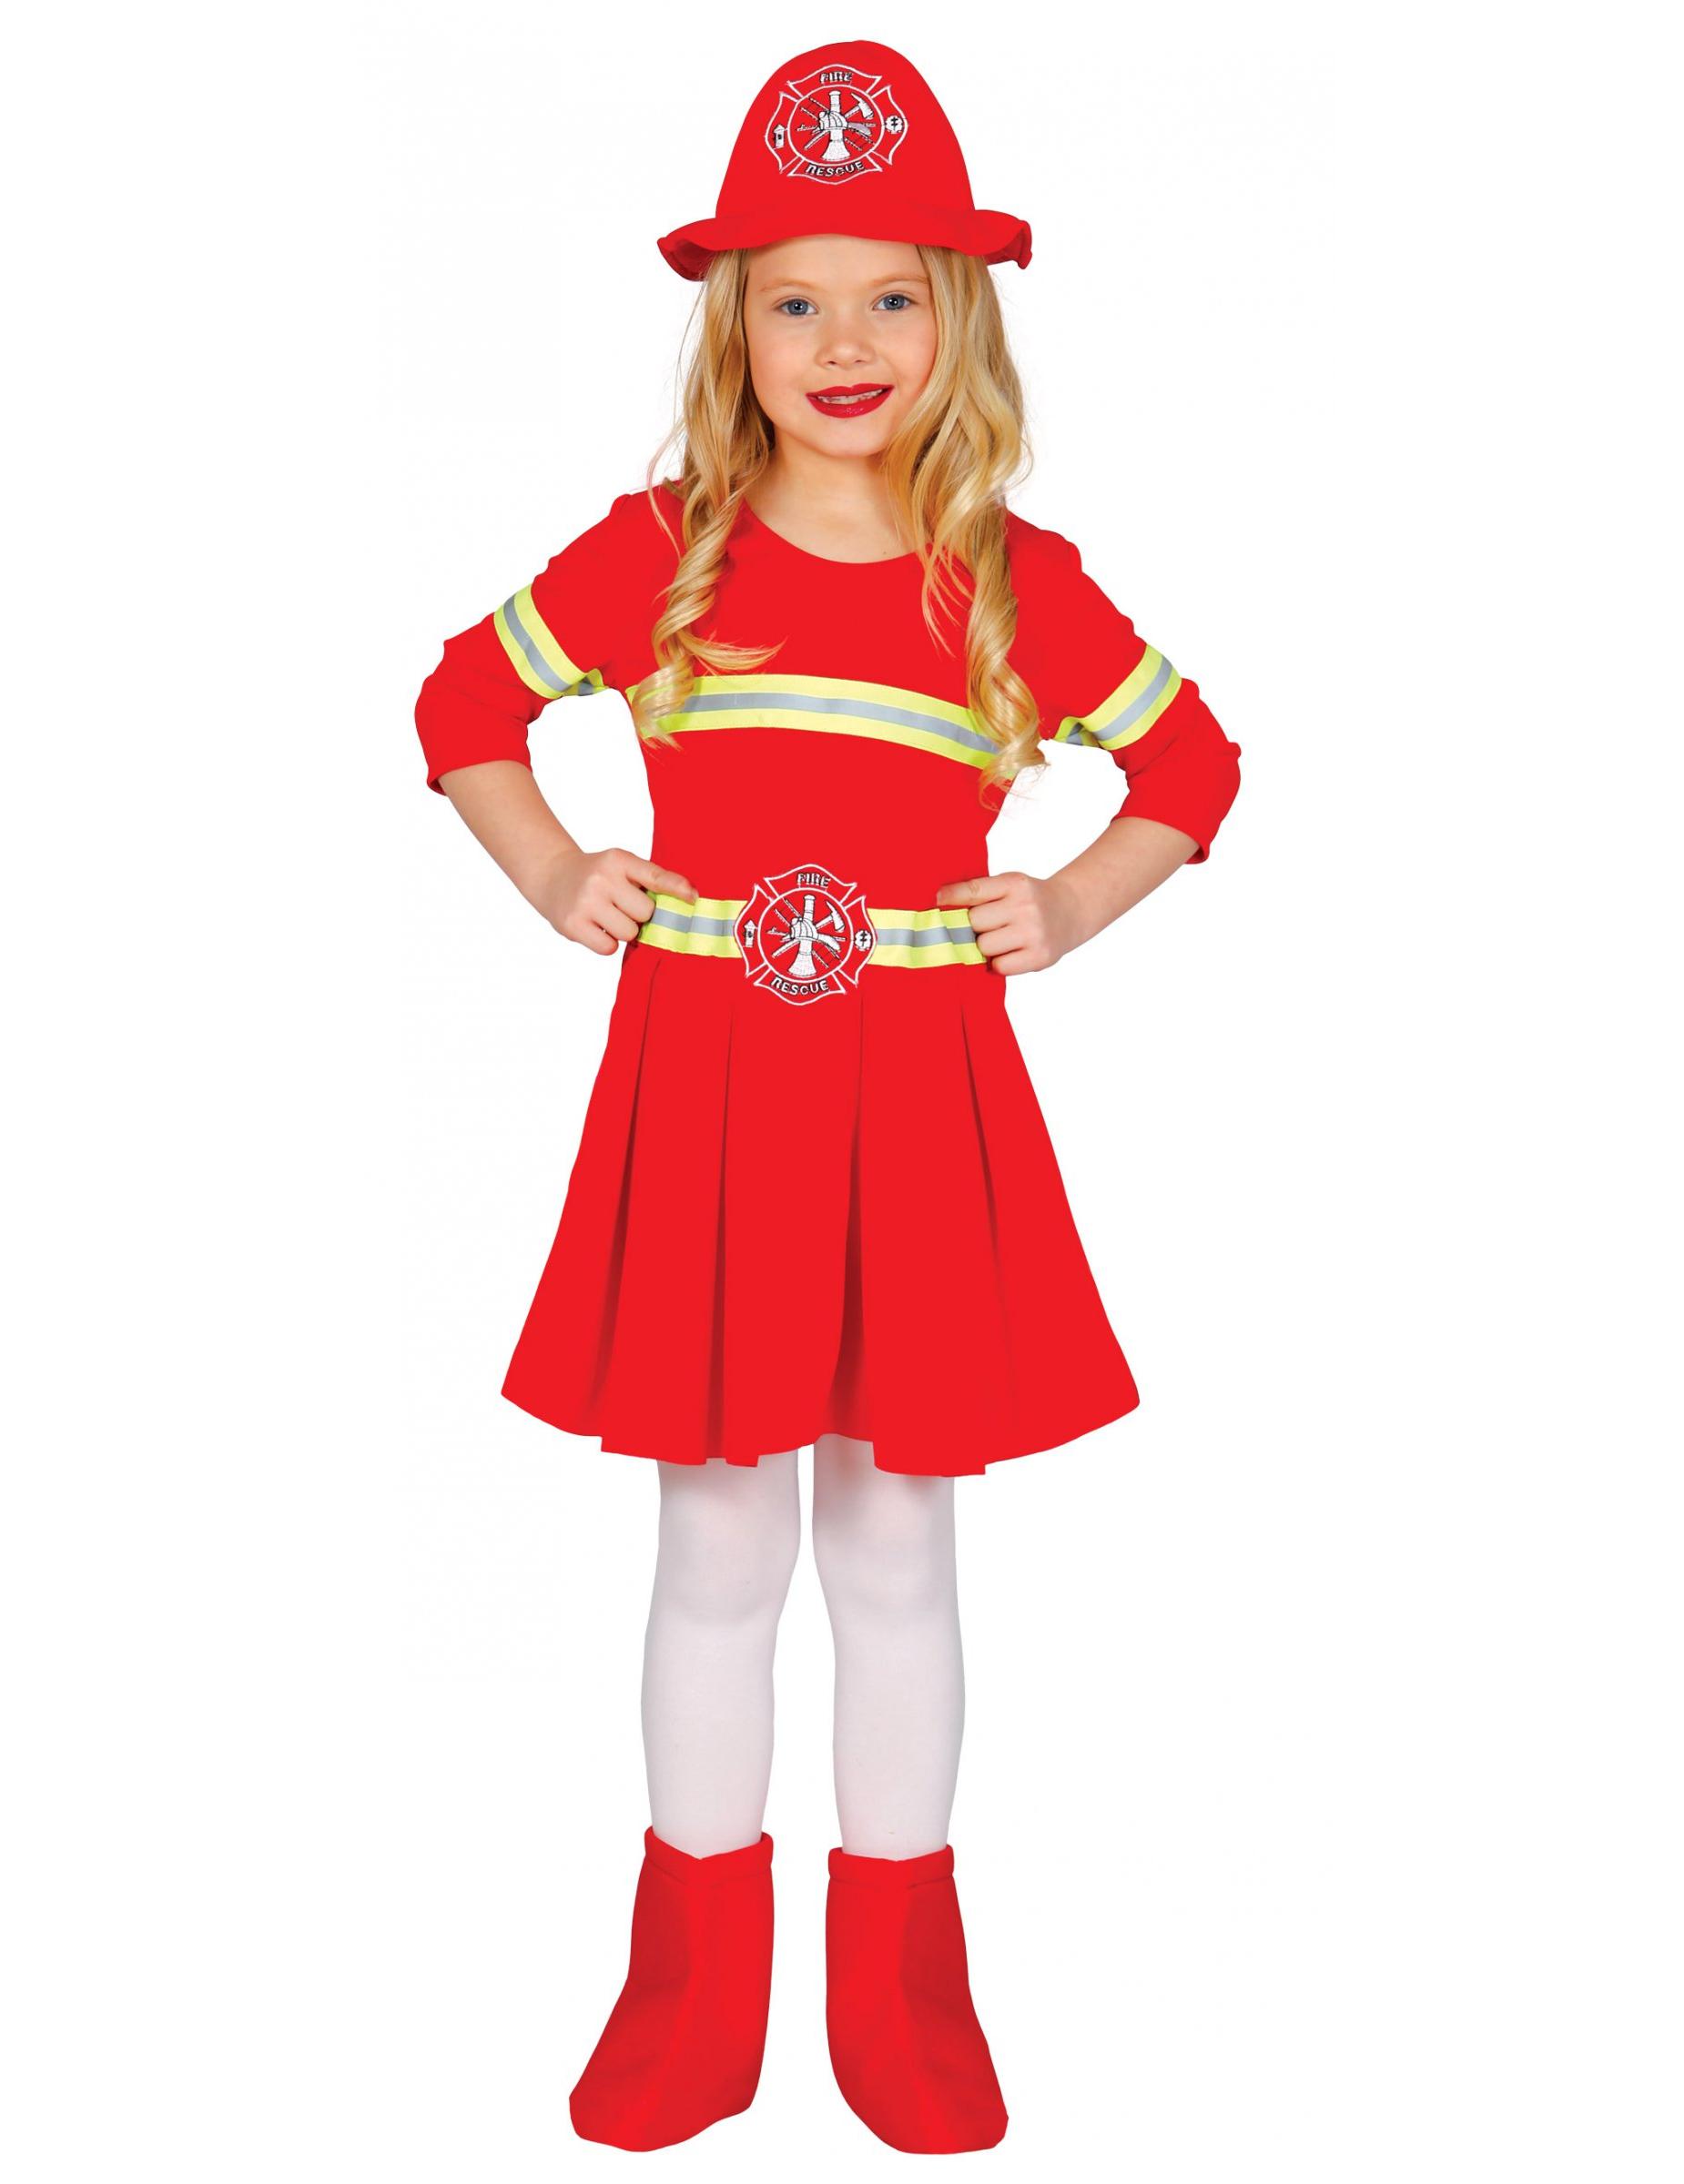 d guisement robe pompier fille deguise toi achat de d guisements enfants. Black Bedroom Furniture Sets. Home Design Ideas